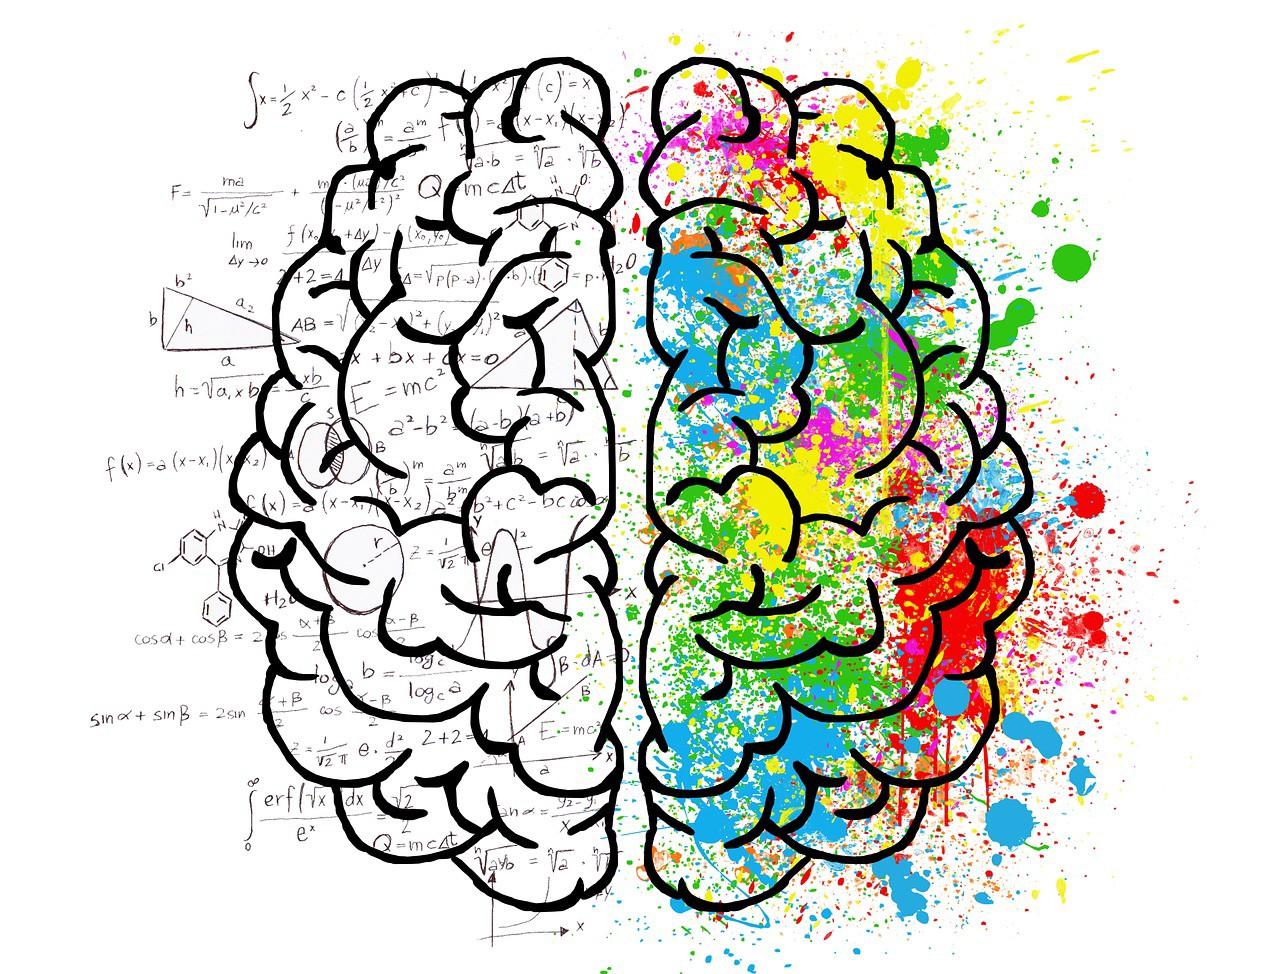 دوست داری تغییرات اساسی تو زندگیت بدی؟ پس سیمکشی مغزت رو عوض کن